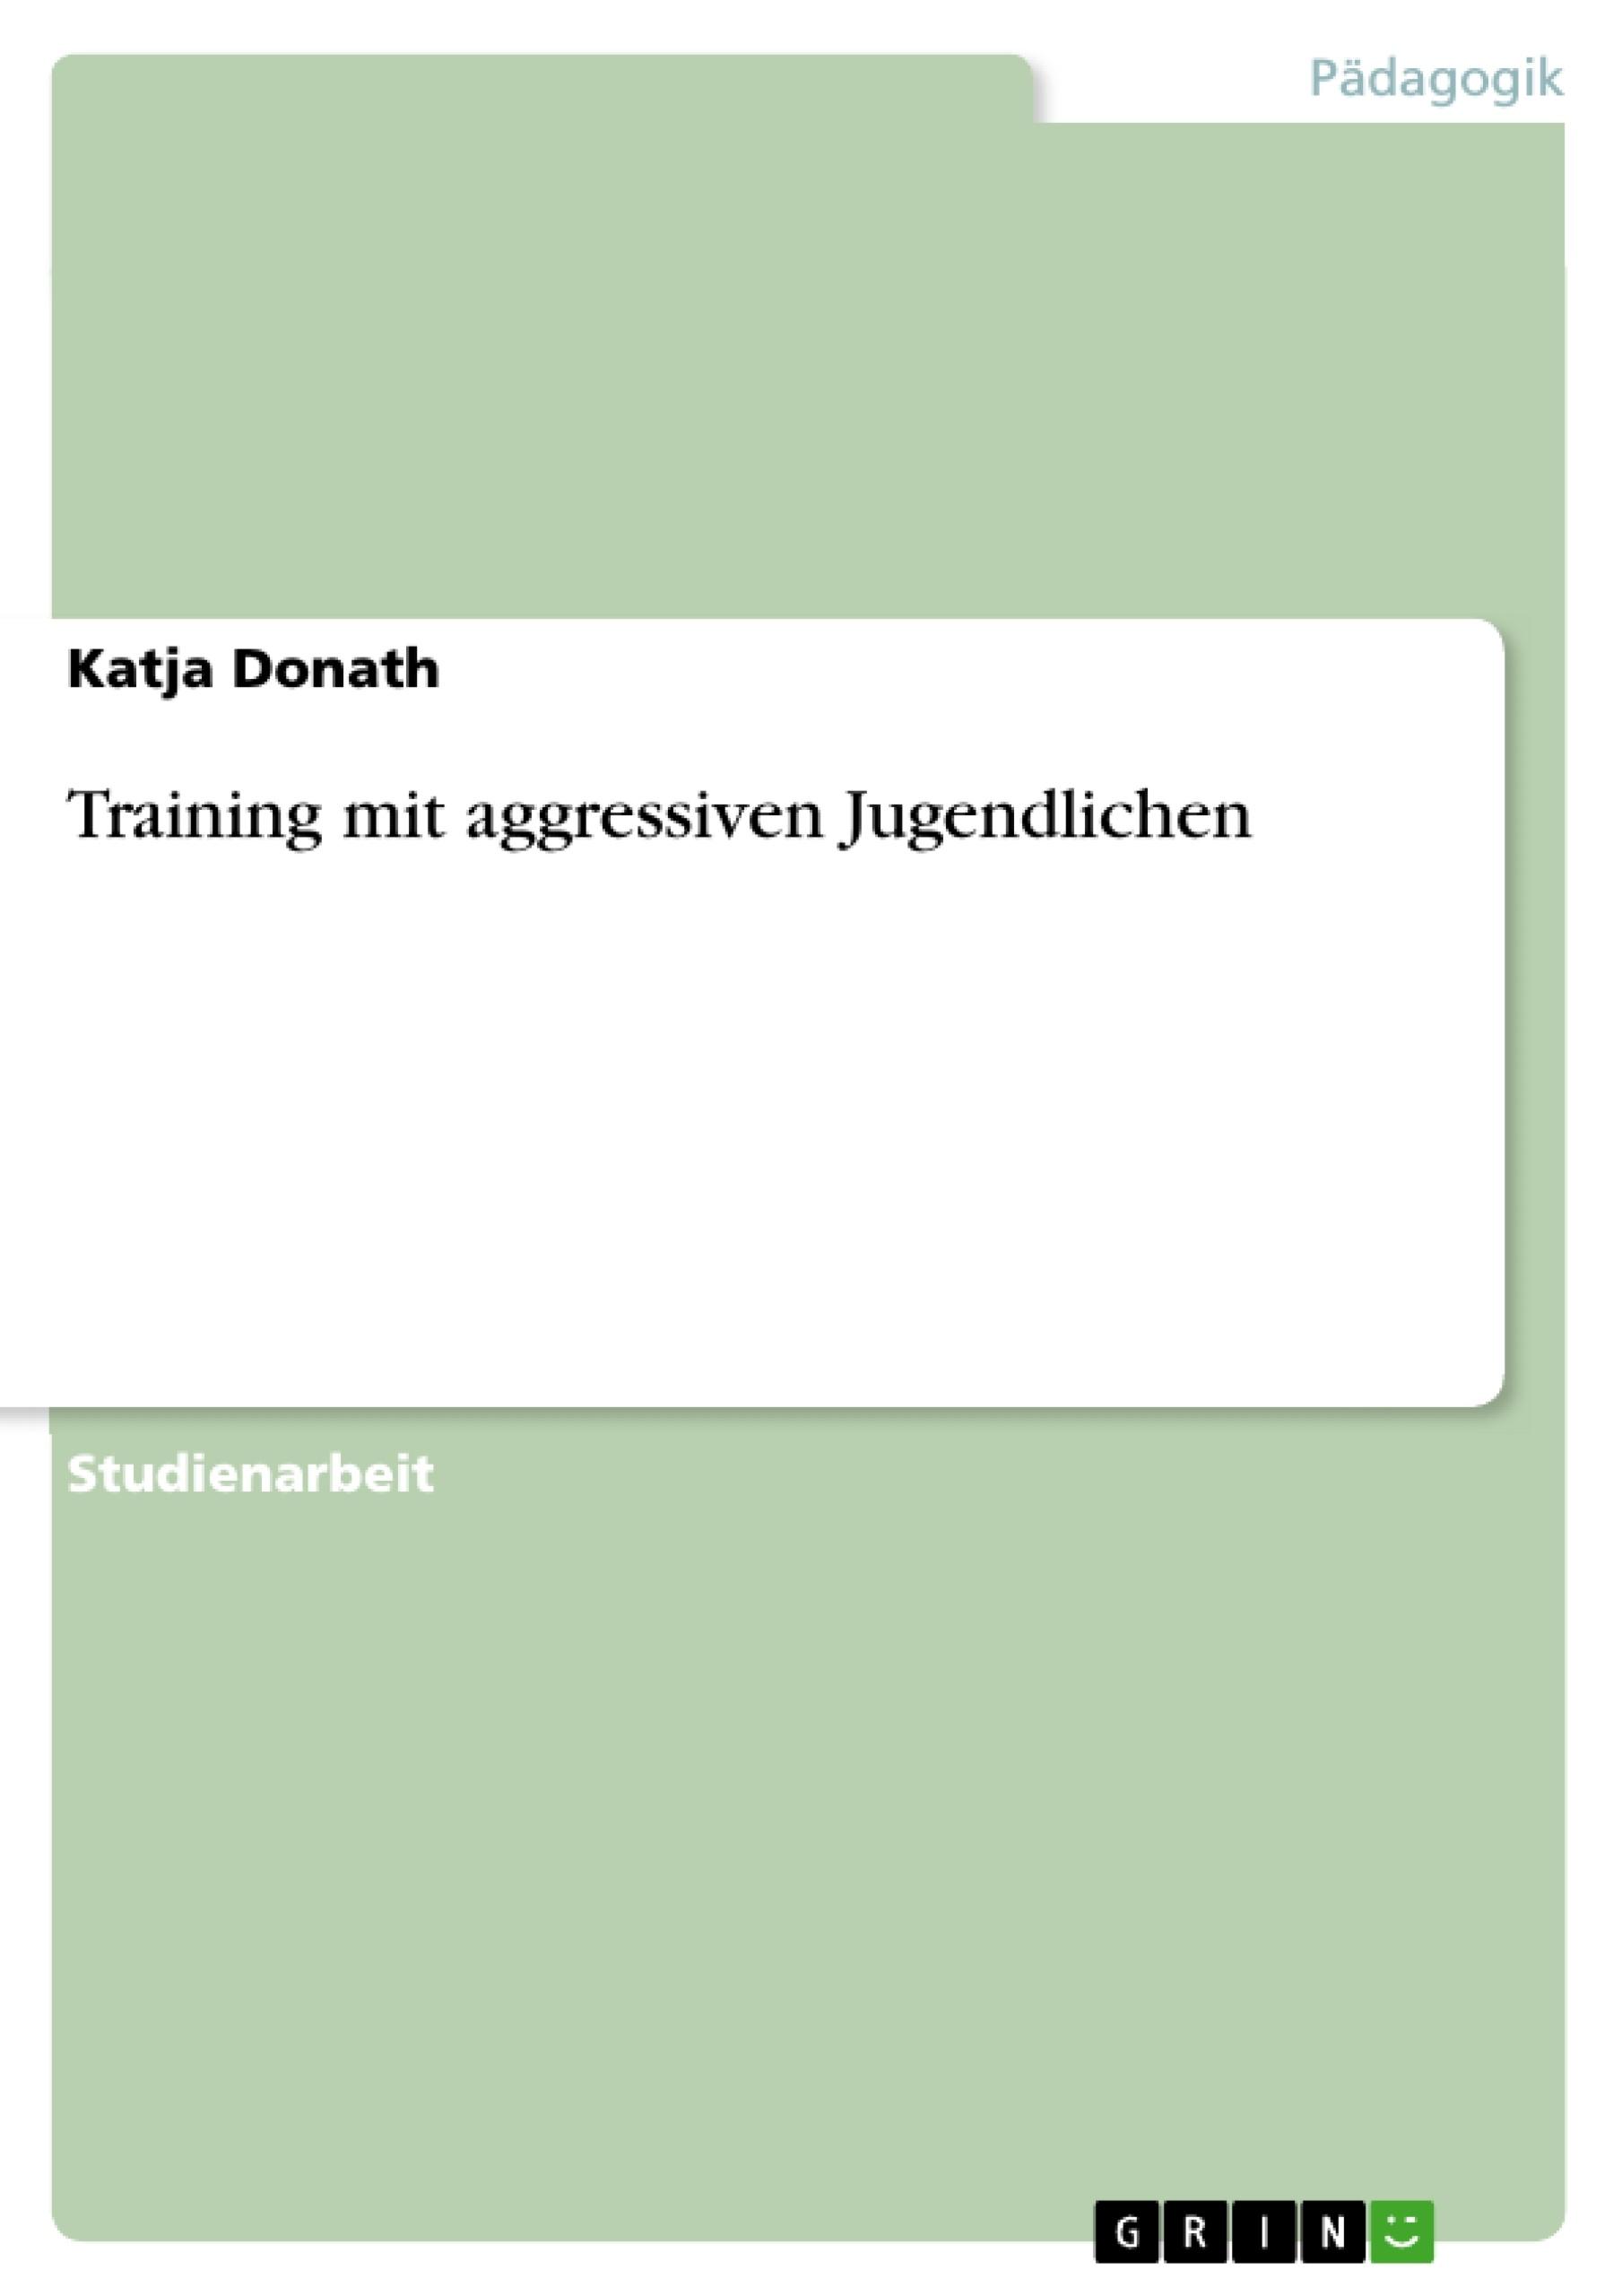 Titel: Training mit aggressiven Jugendlichen